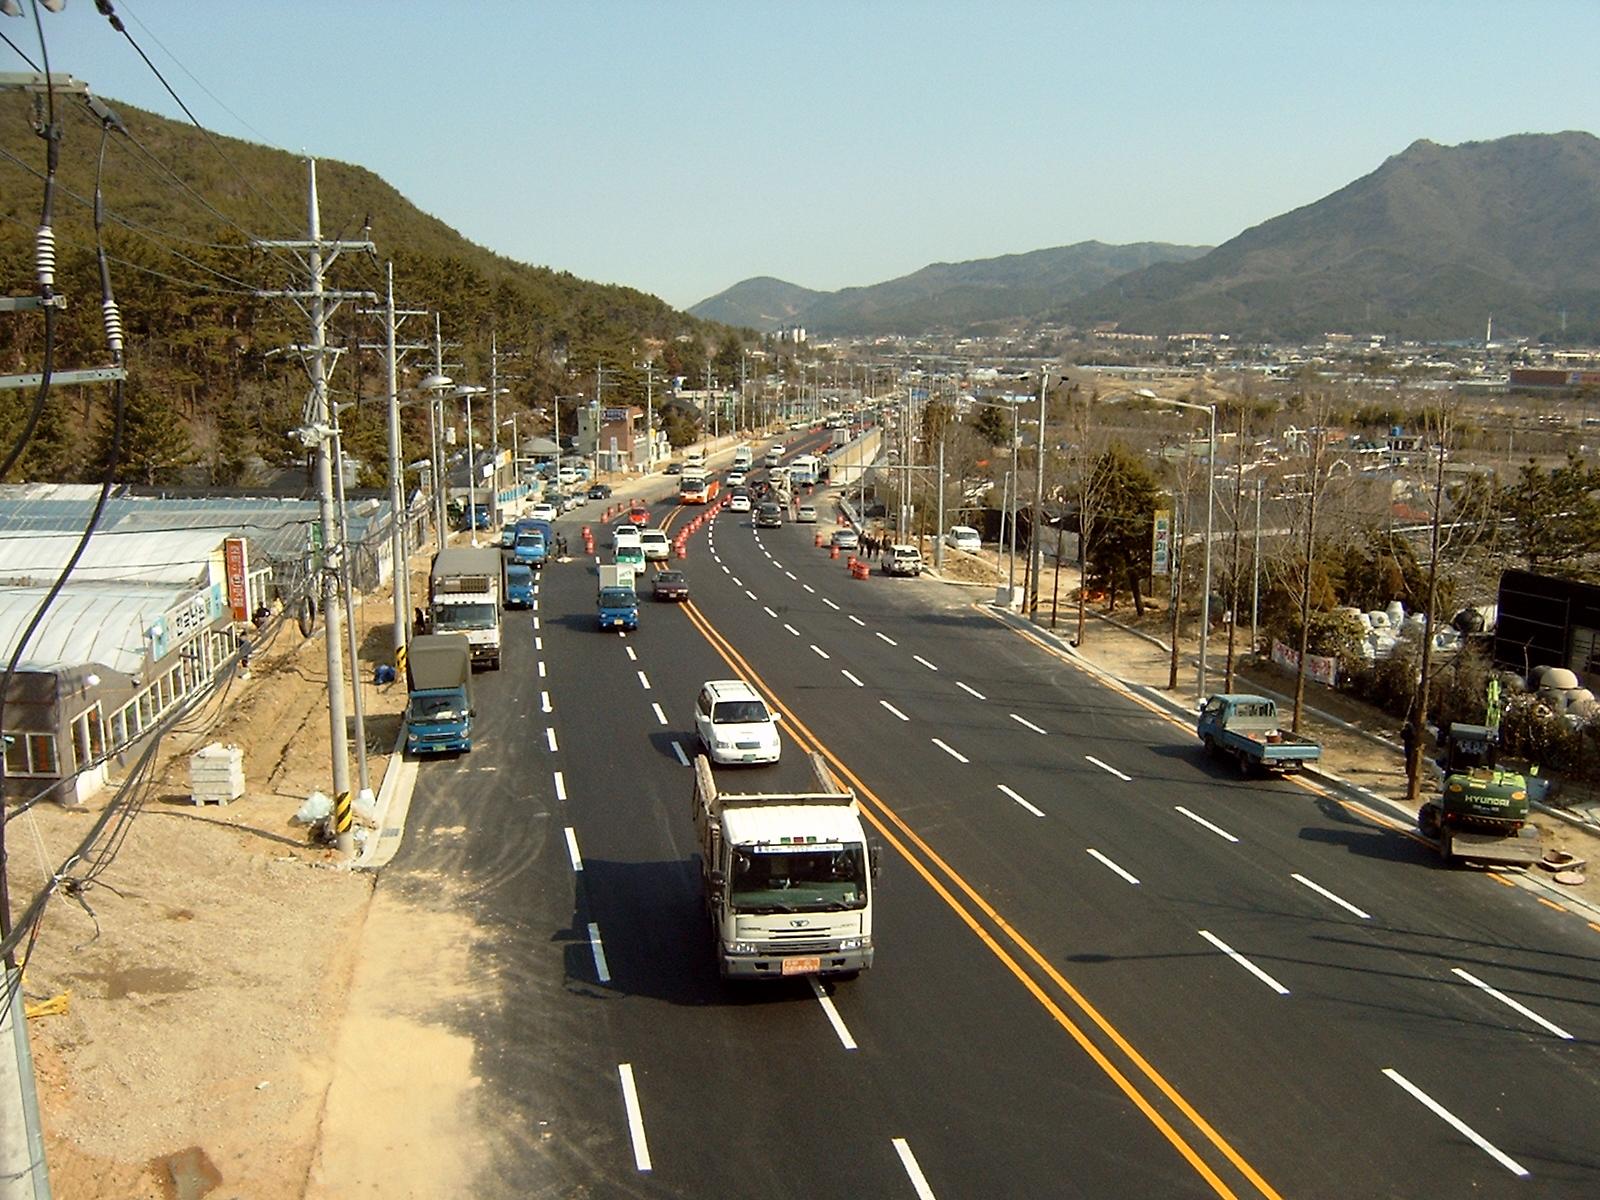 노포-영천간 도로 (2005.4)